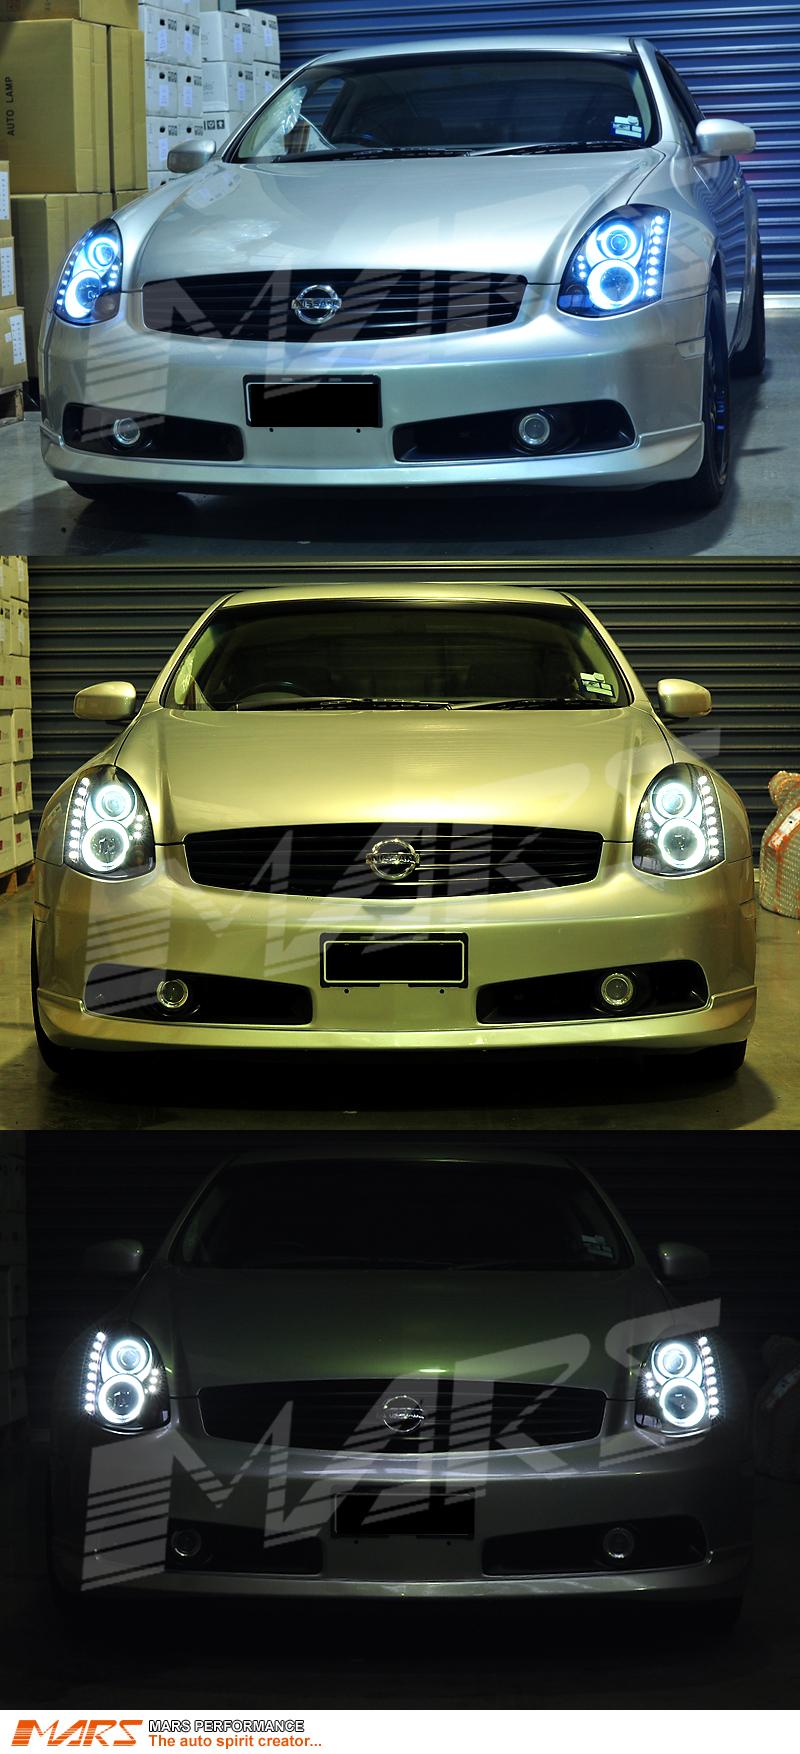 Cts V Sedan >> Black LED DRL & CCFL Angel Eyes Projector Head Lights for ...